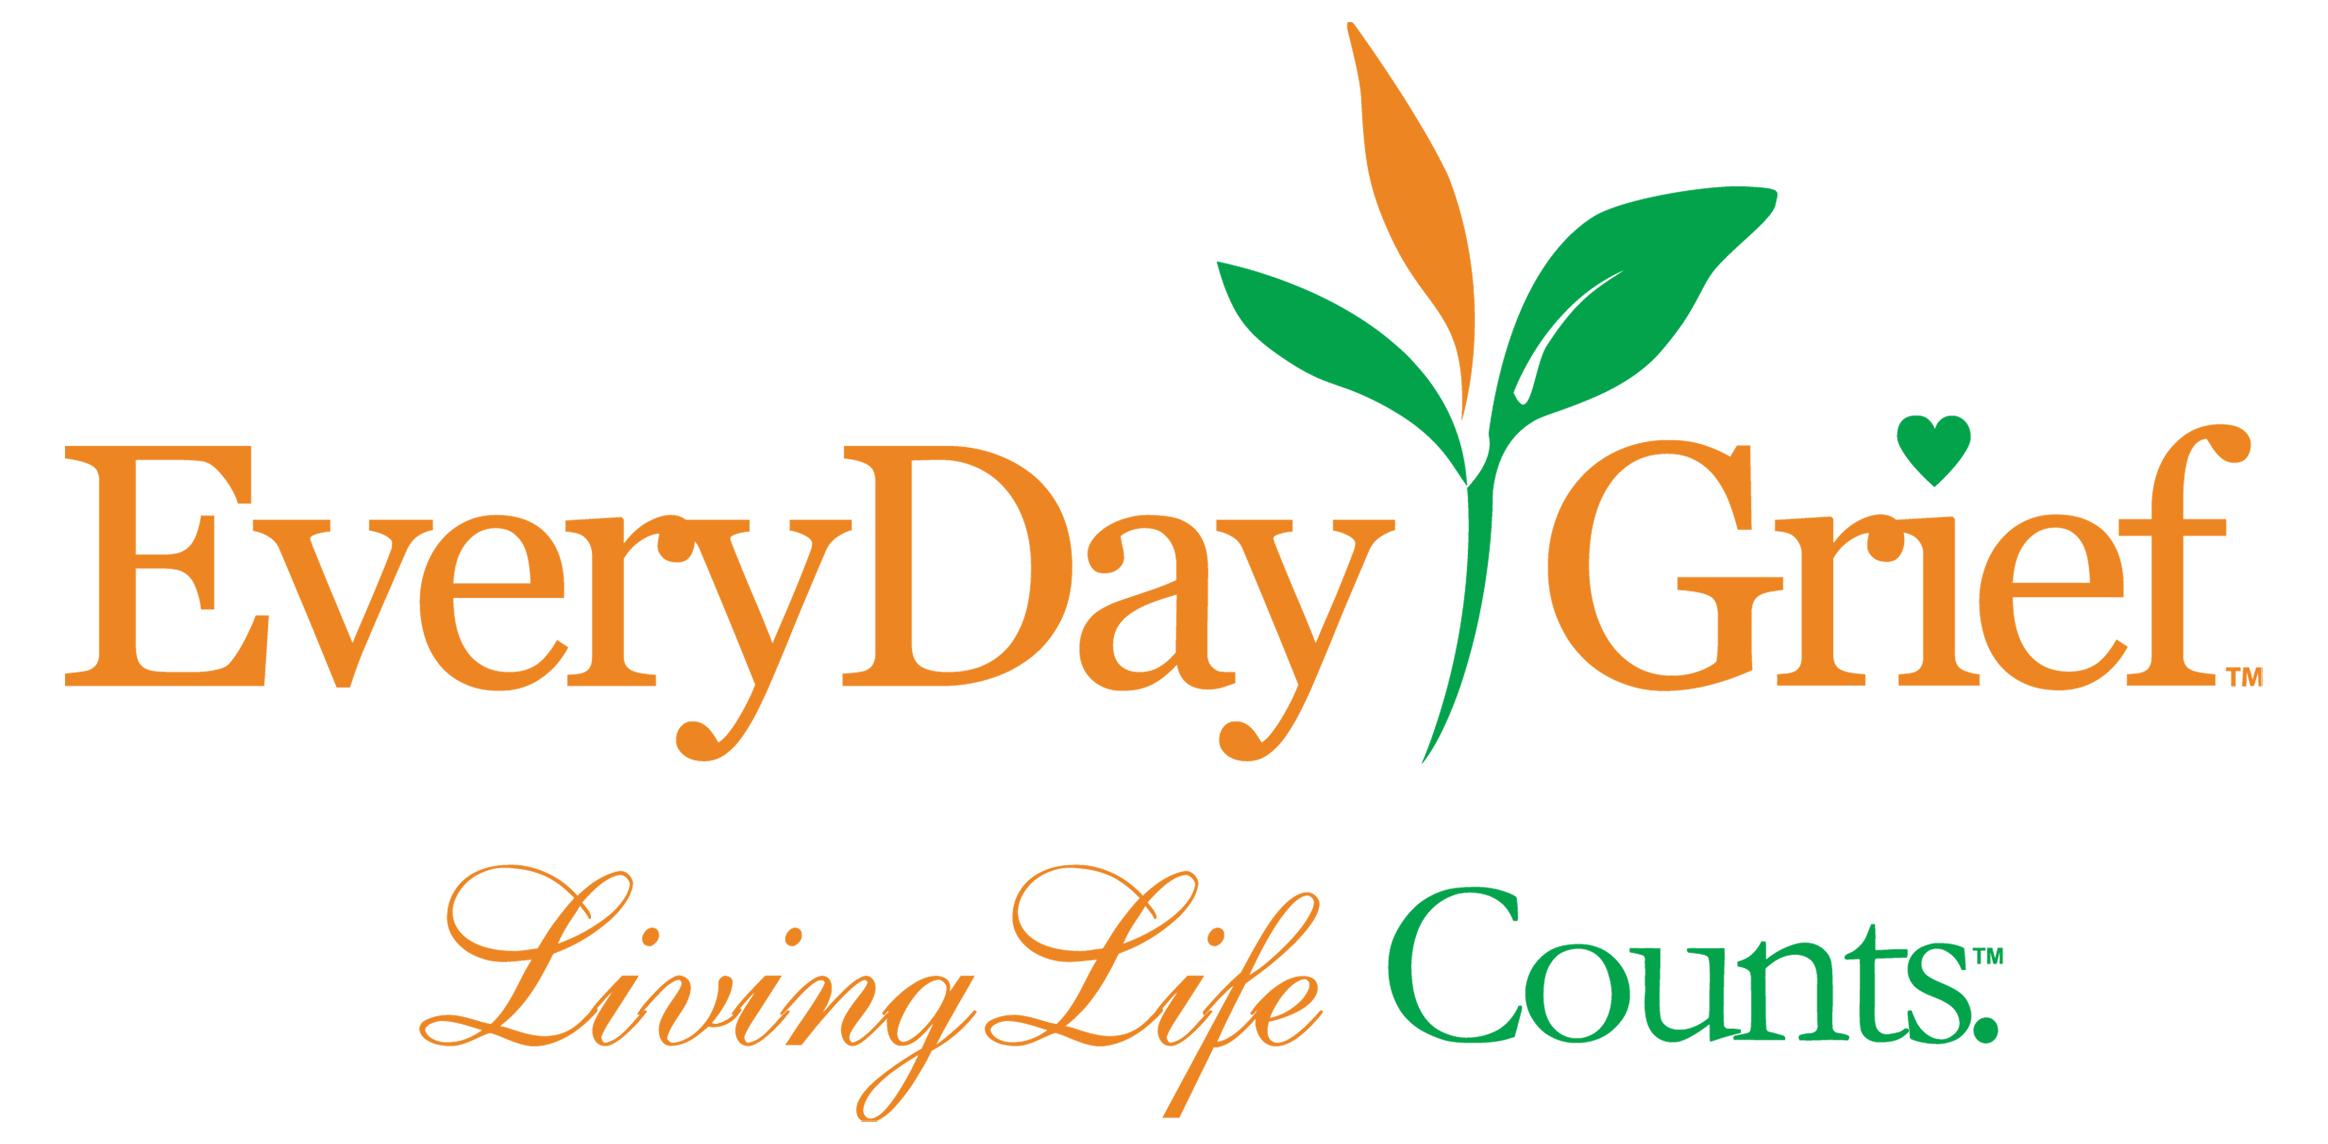 EDG_LivingLifeCounts_Logo_2328x1144.jpg